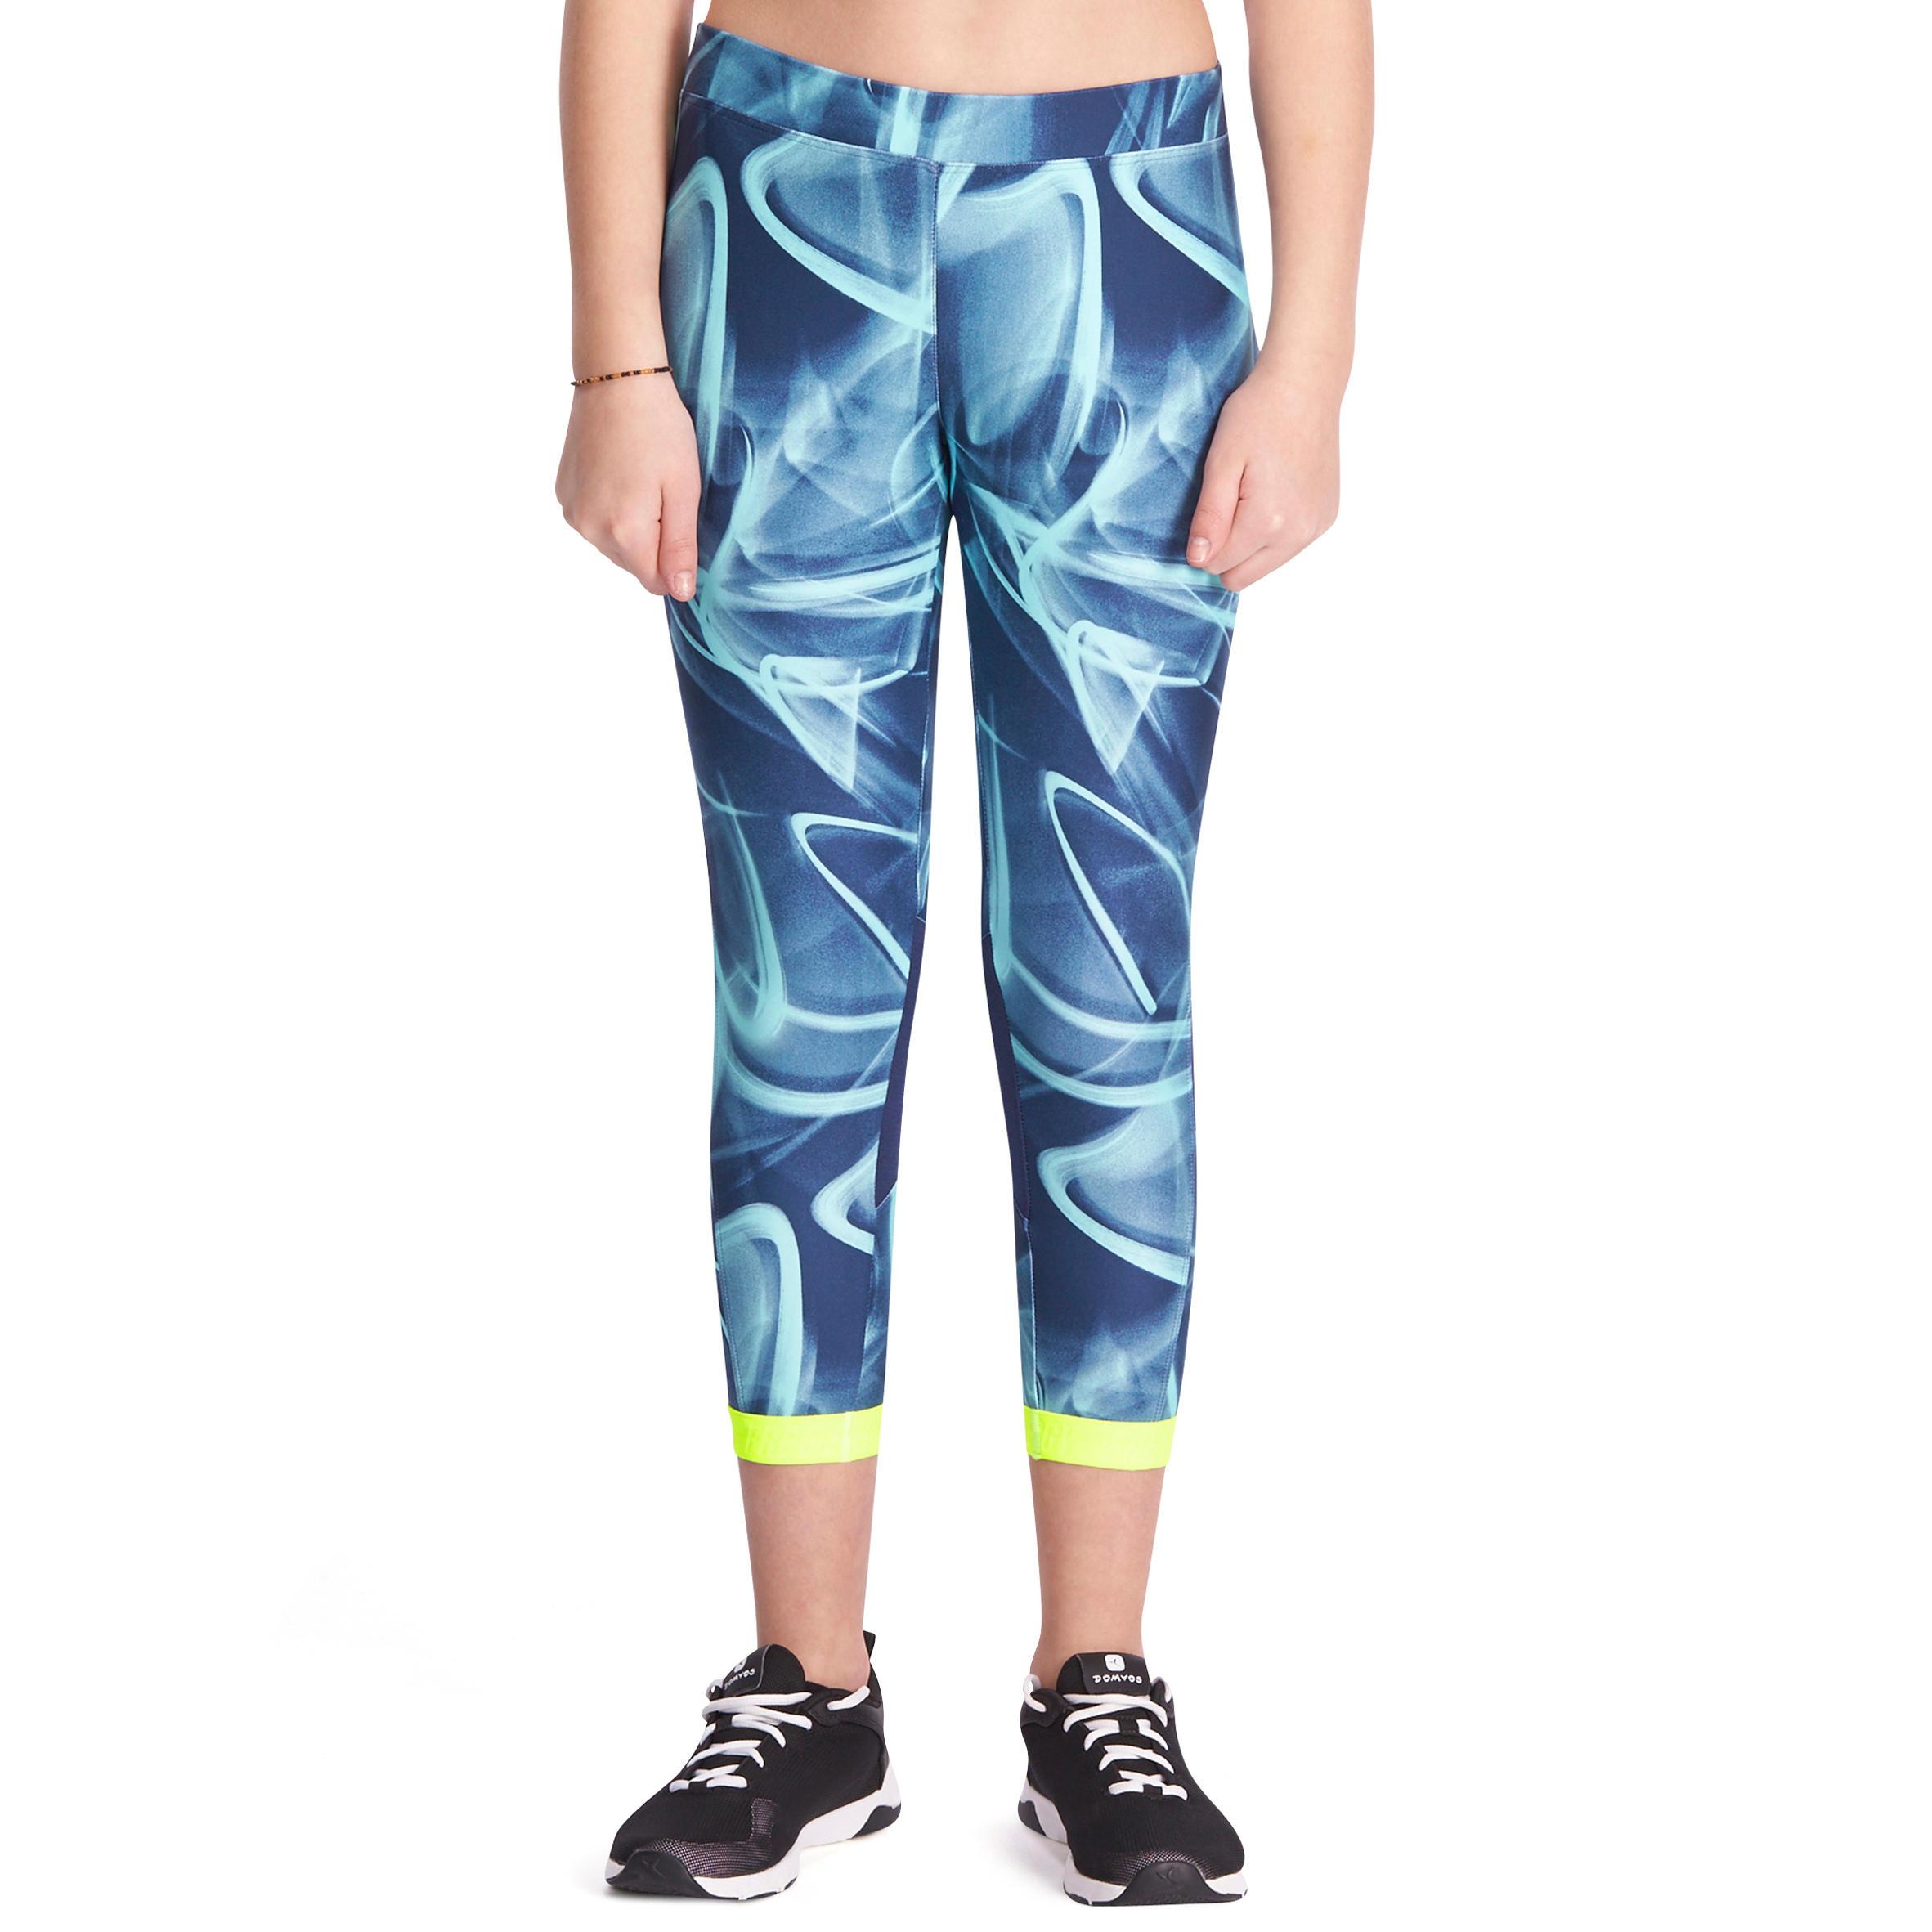 Legging 7/8 fitness fille ENERGY+ bleu marine